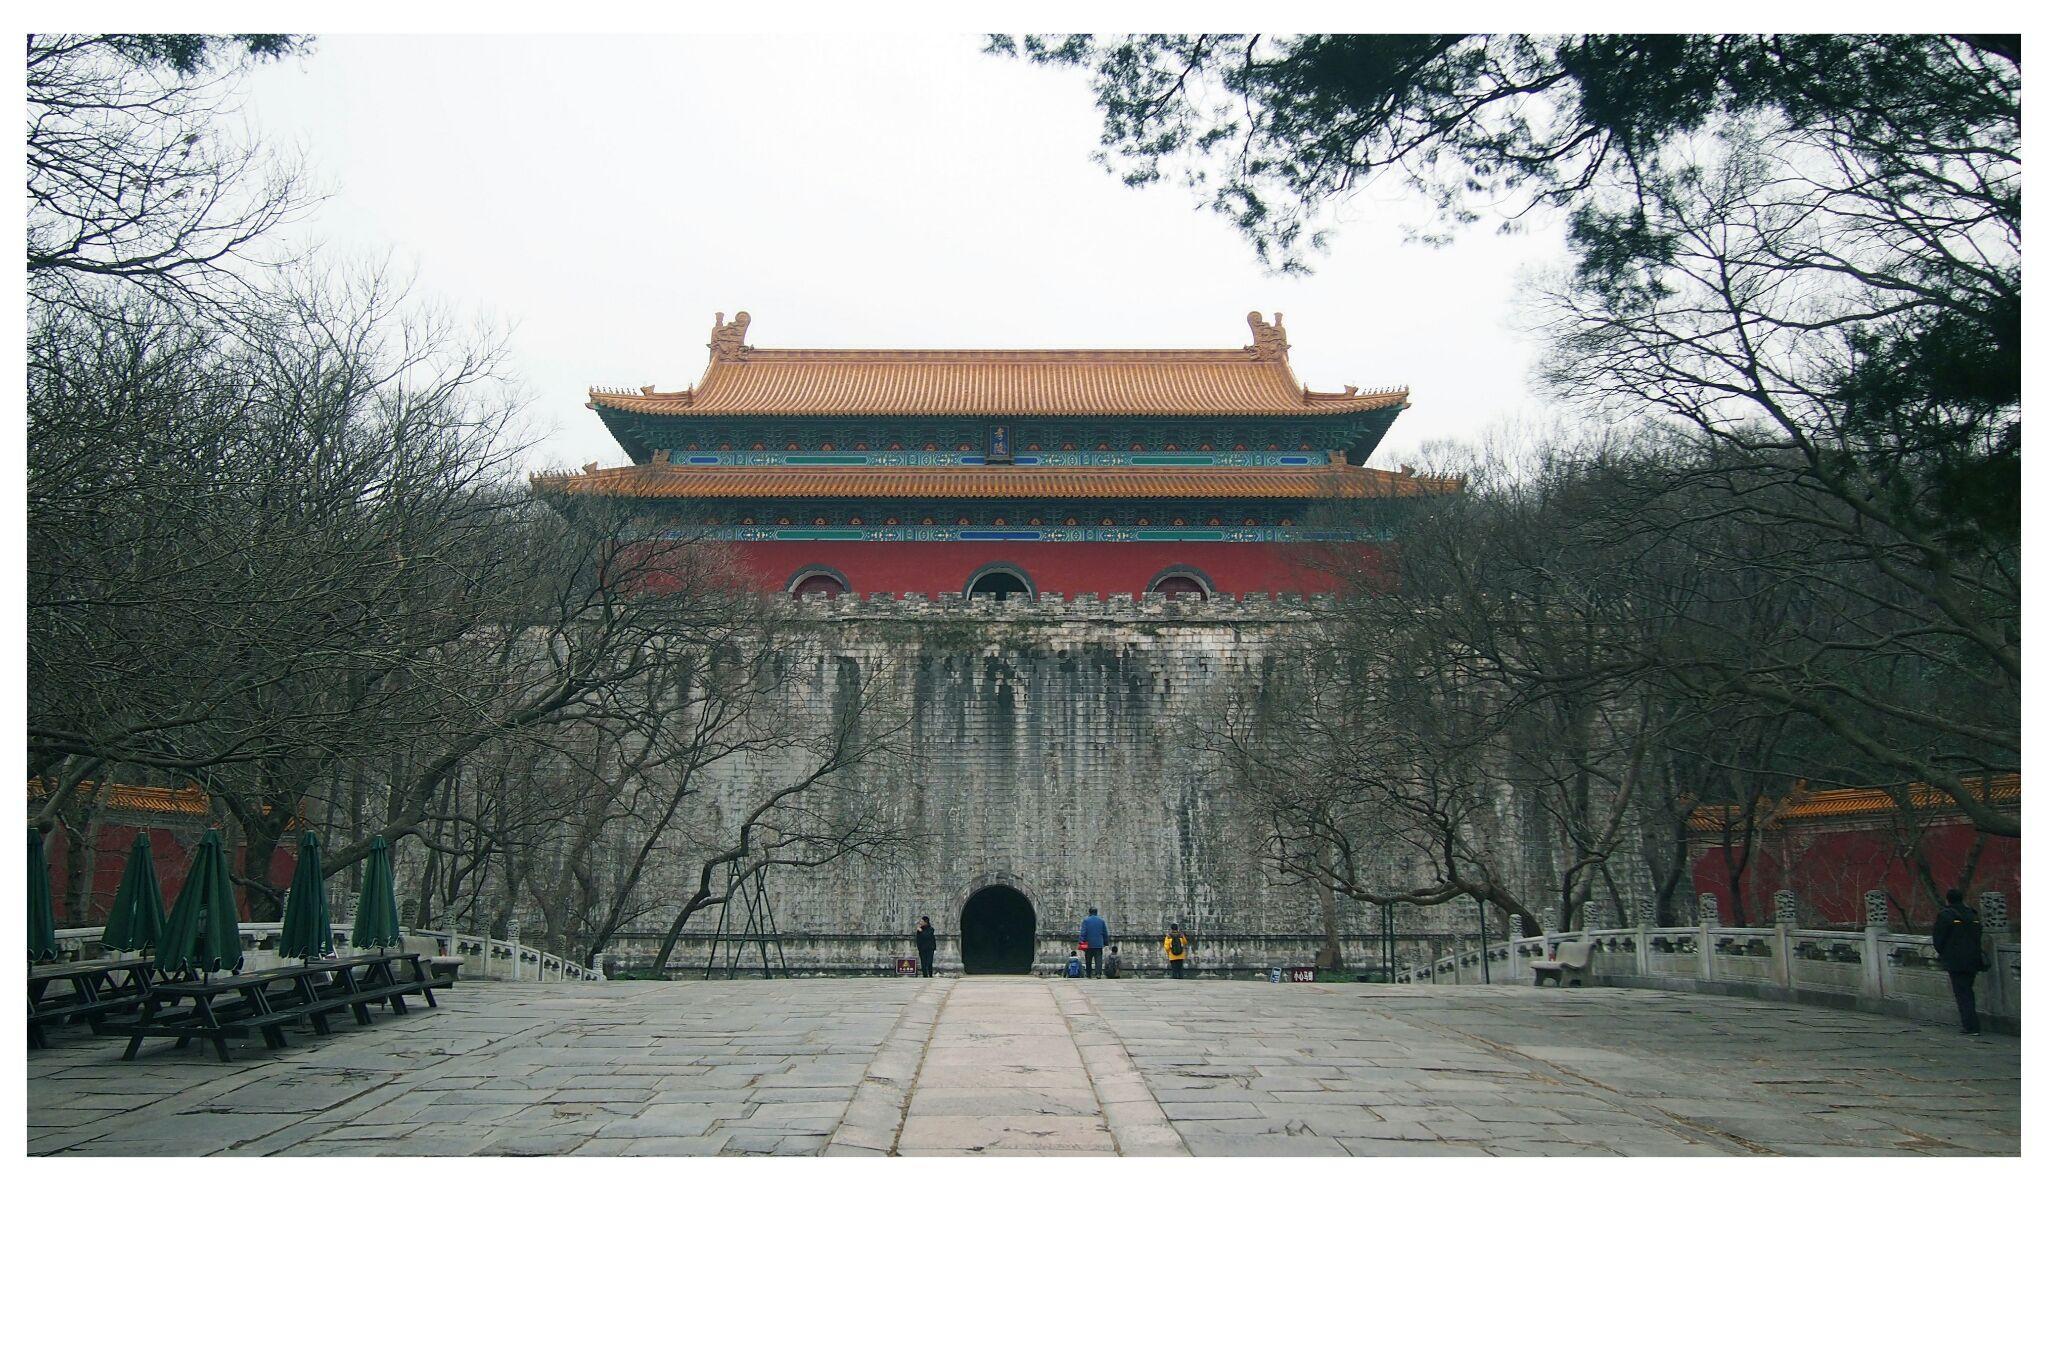 总统府和中山陵_南京有哪些非常好玩的地方? - 知乎